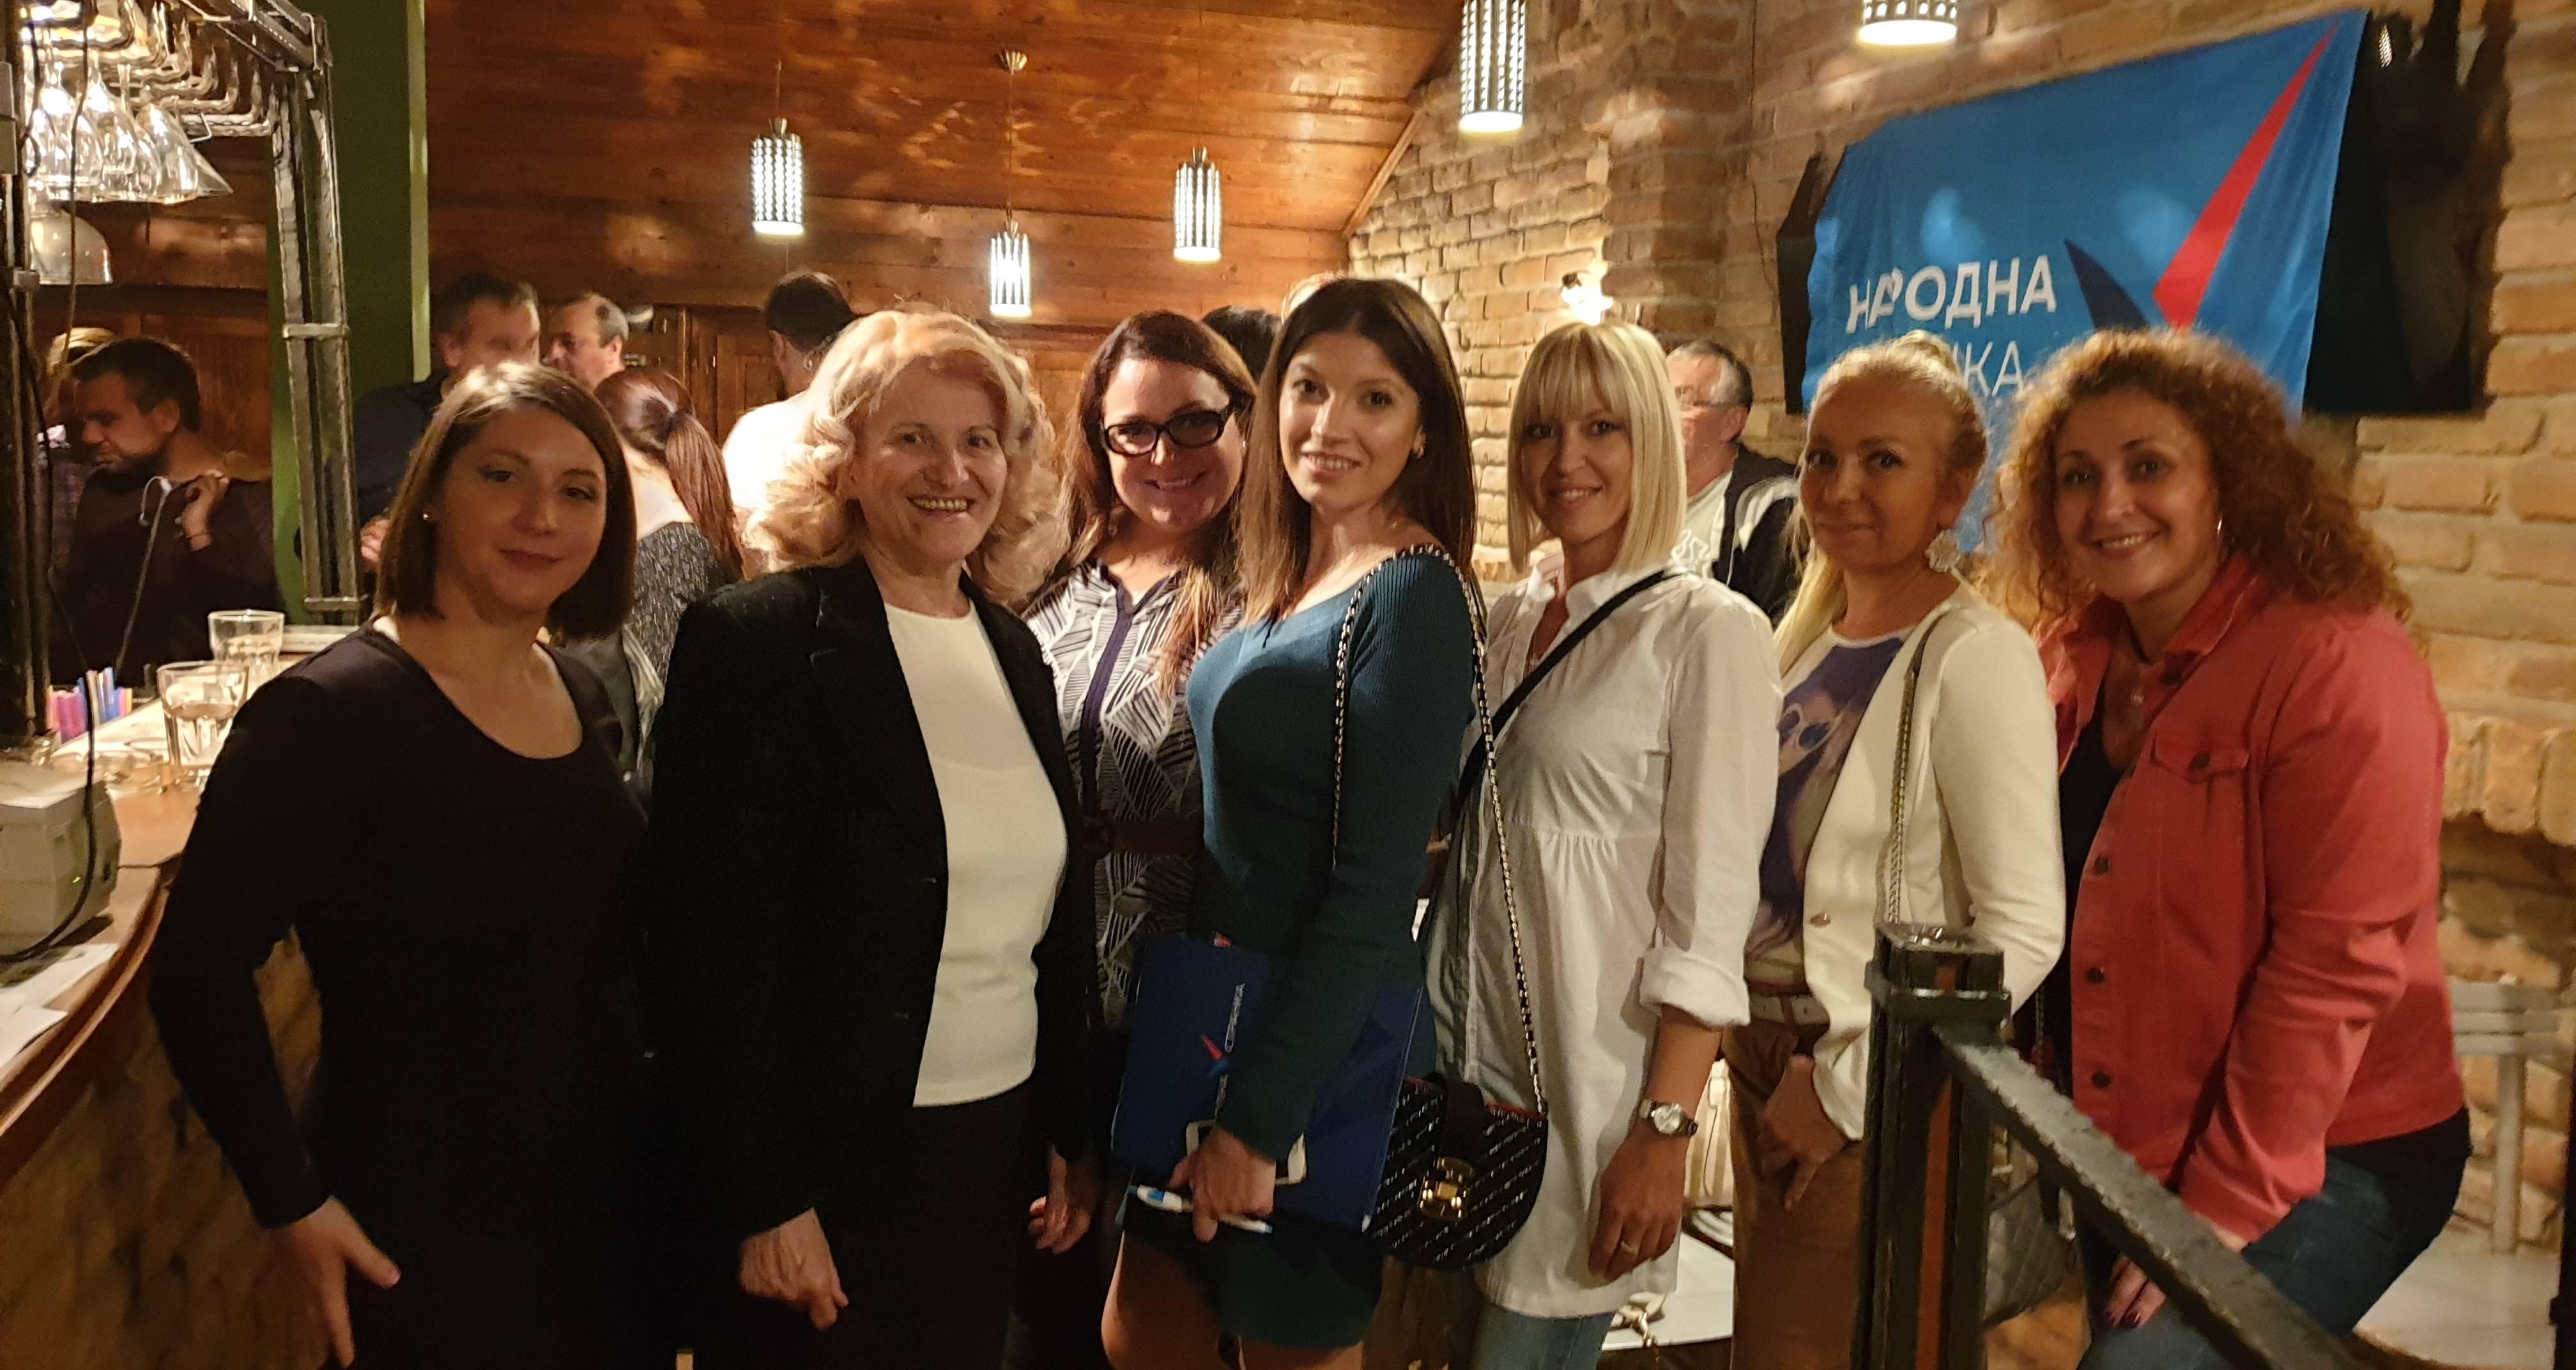 Почео процес конституисања Форума жена Народне странке широм Србије